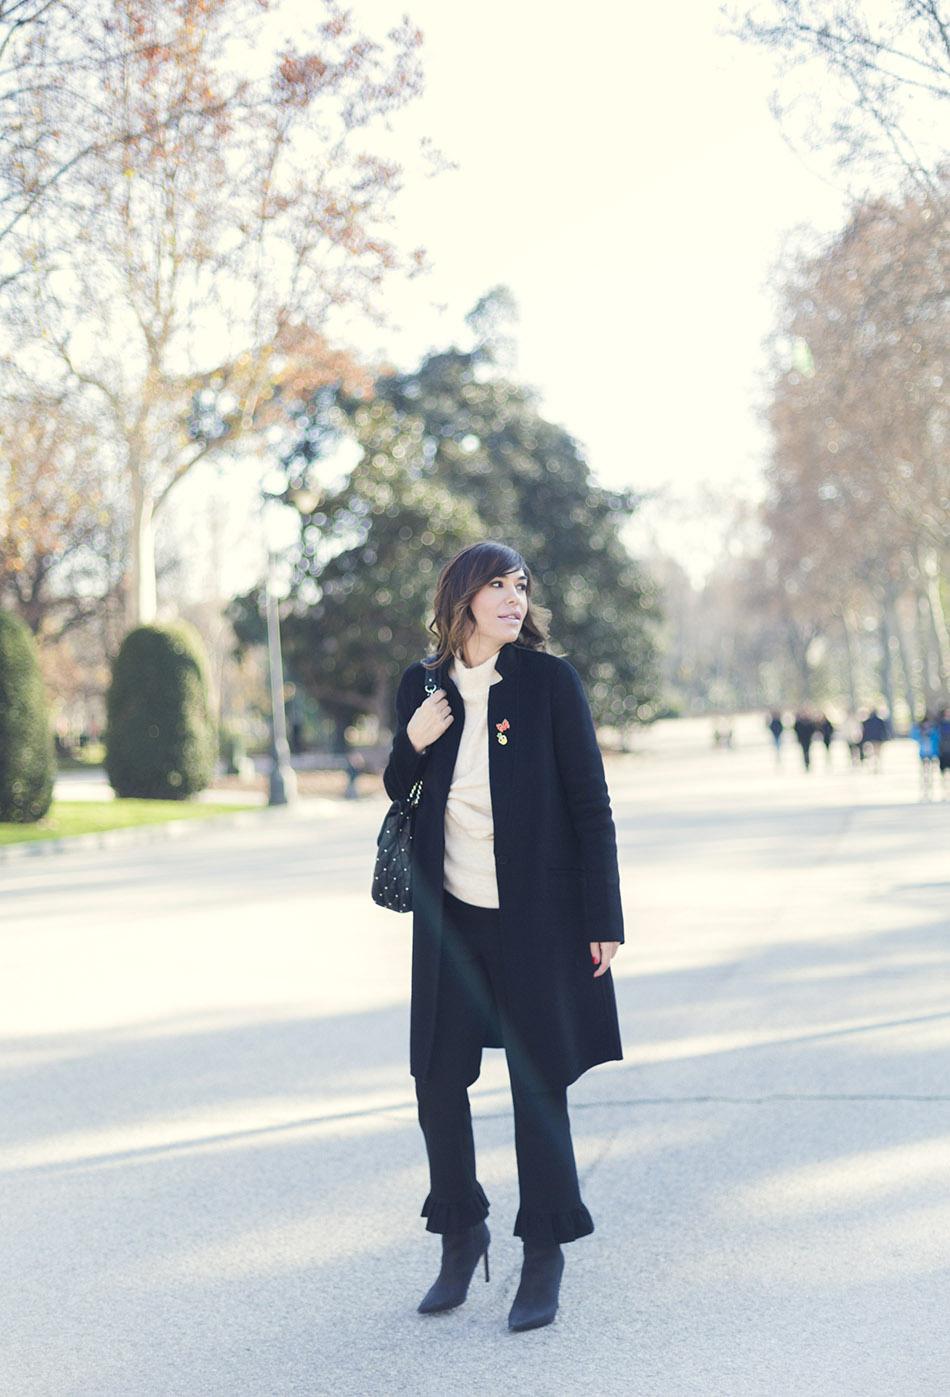 look de street style con abrigo recto negro de Zara, jersey de lana en color crudo con detalle de nudo en el delantero de Mango, pantalón de vestir con volante en el bajo de Zara y botines negros de tacón